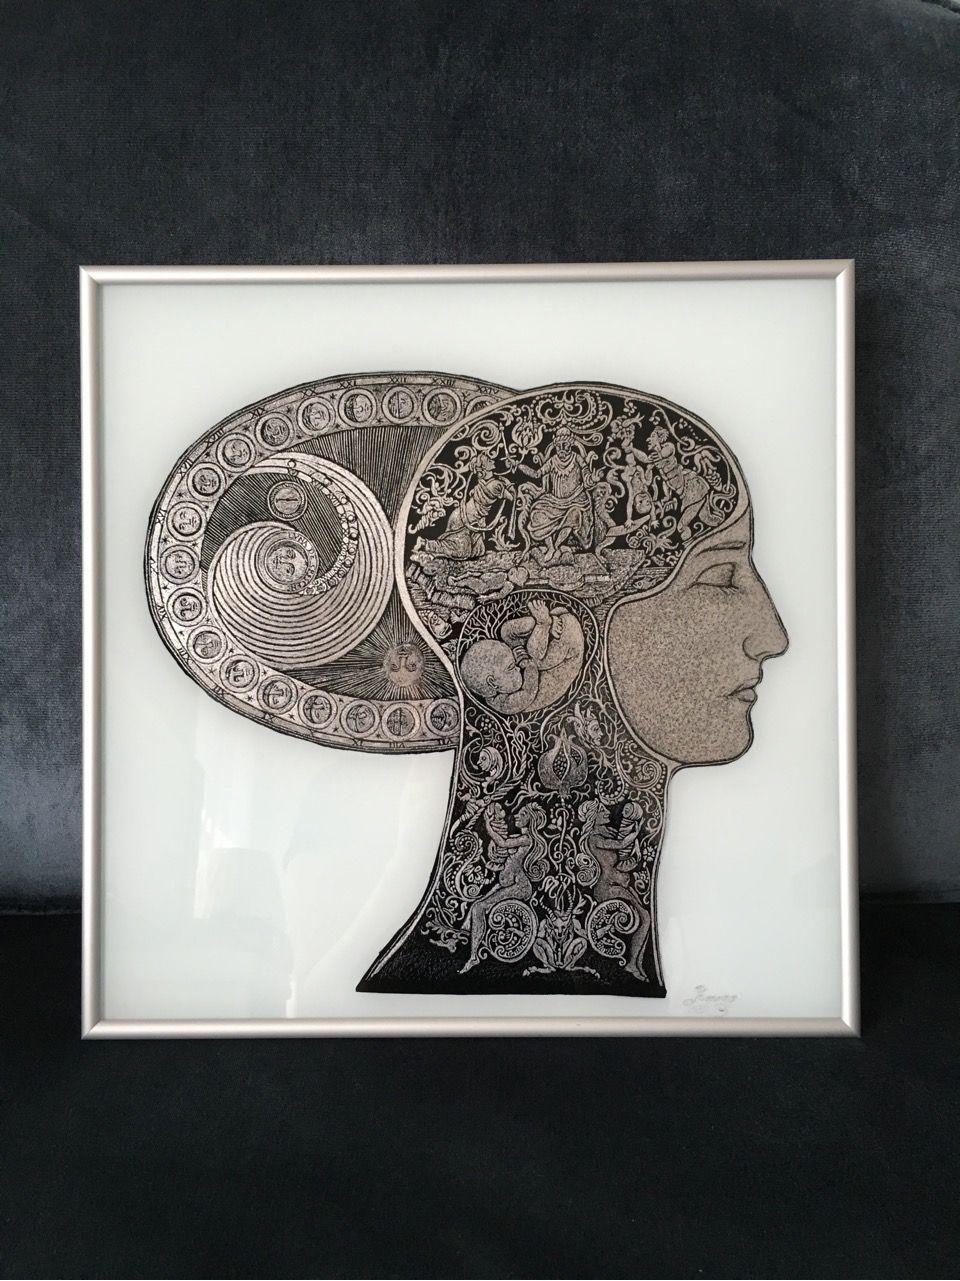 уникальная гравировка гравировканастекле серебрянные трэнд дизайн белый